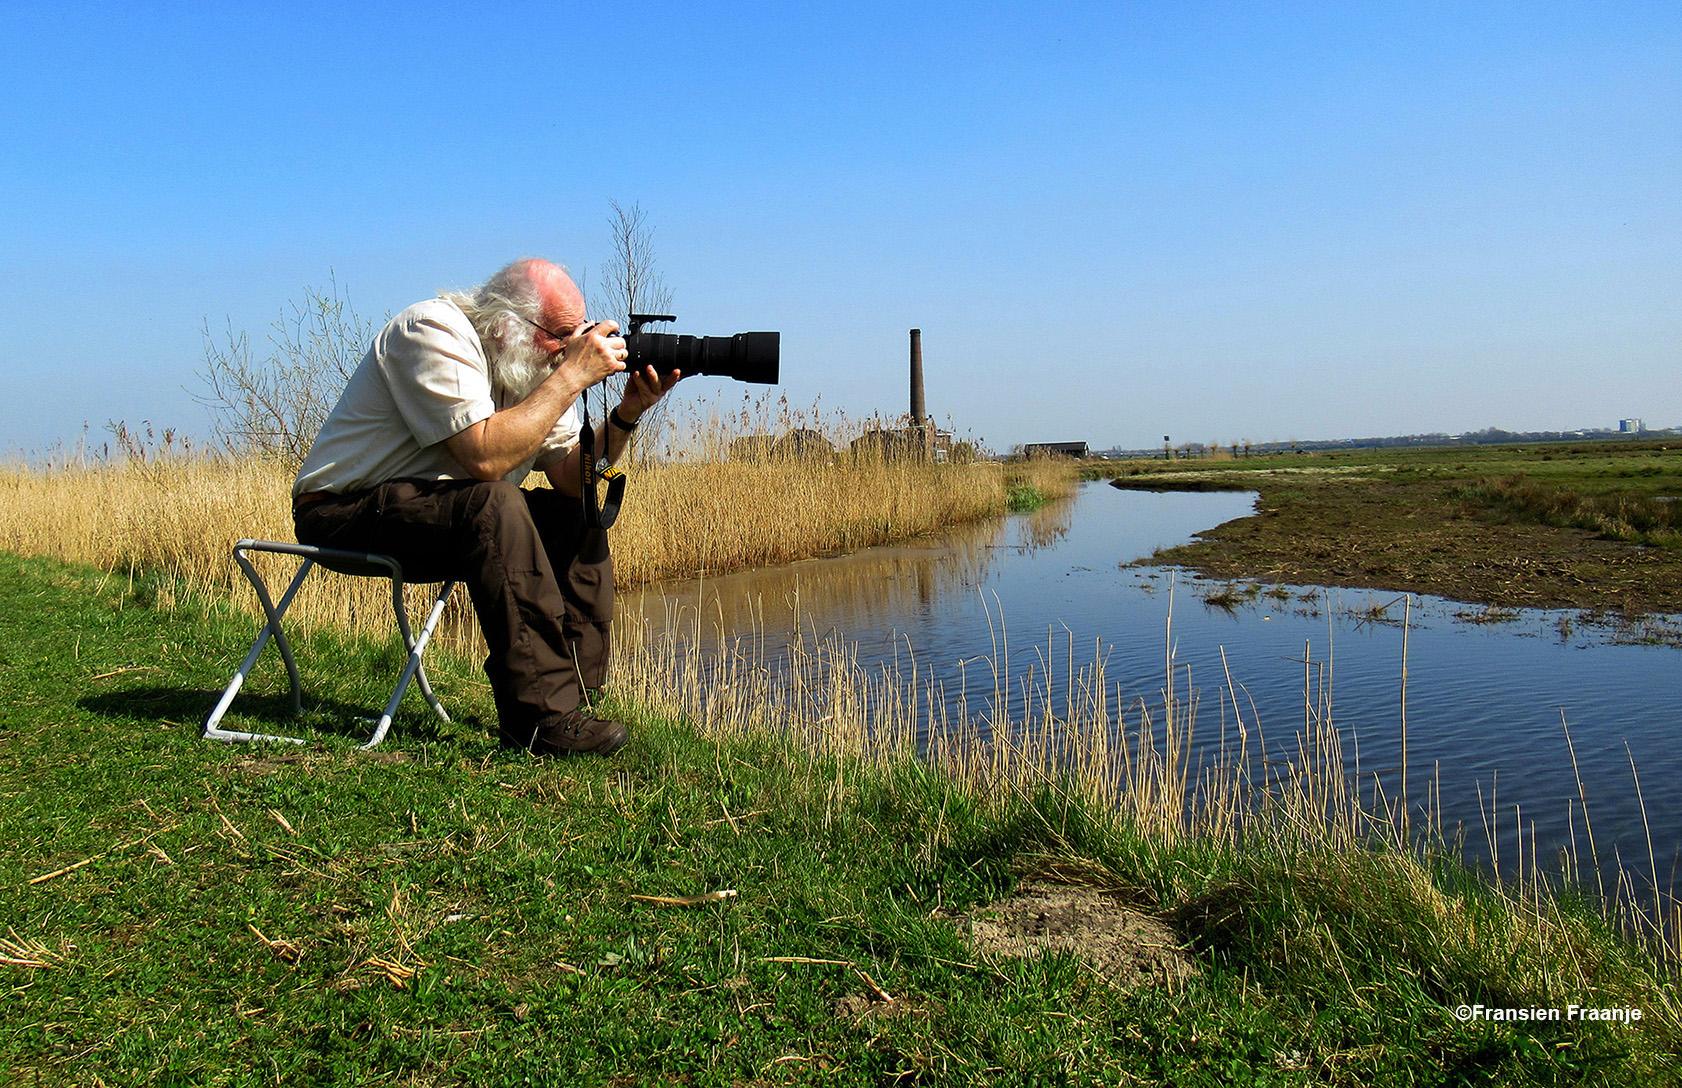 Op een krukje aan de waterkant in het heerlijke polderland. Met op de achtergrond het oude Stoomgemaal Hertog Reijnout - Foto: ©Fransien Fraanje